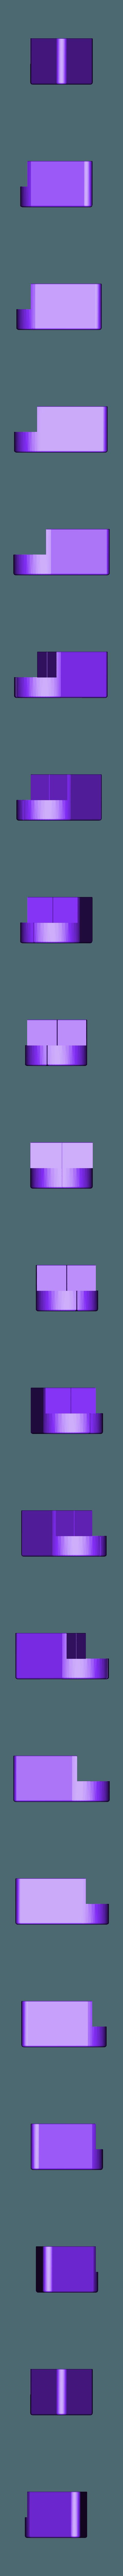 E461f90f 0018 4923 b0c5 fb509fb3a460